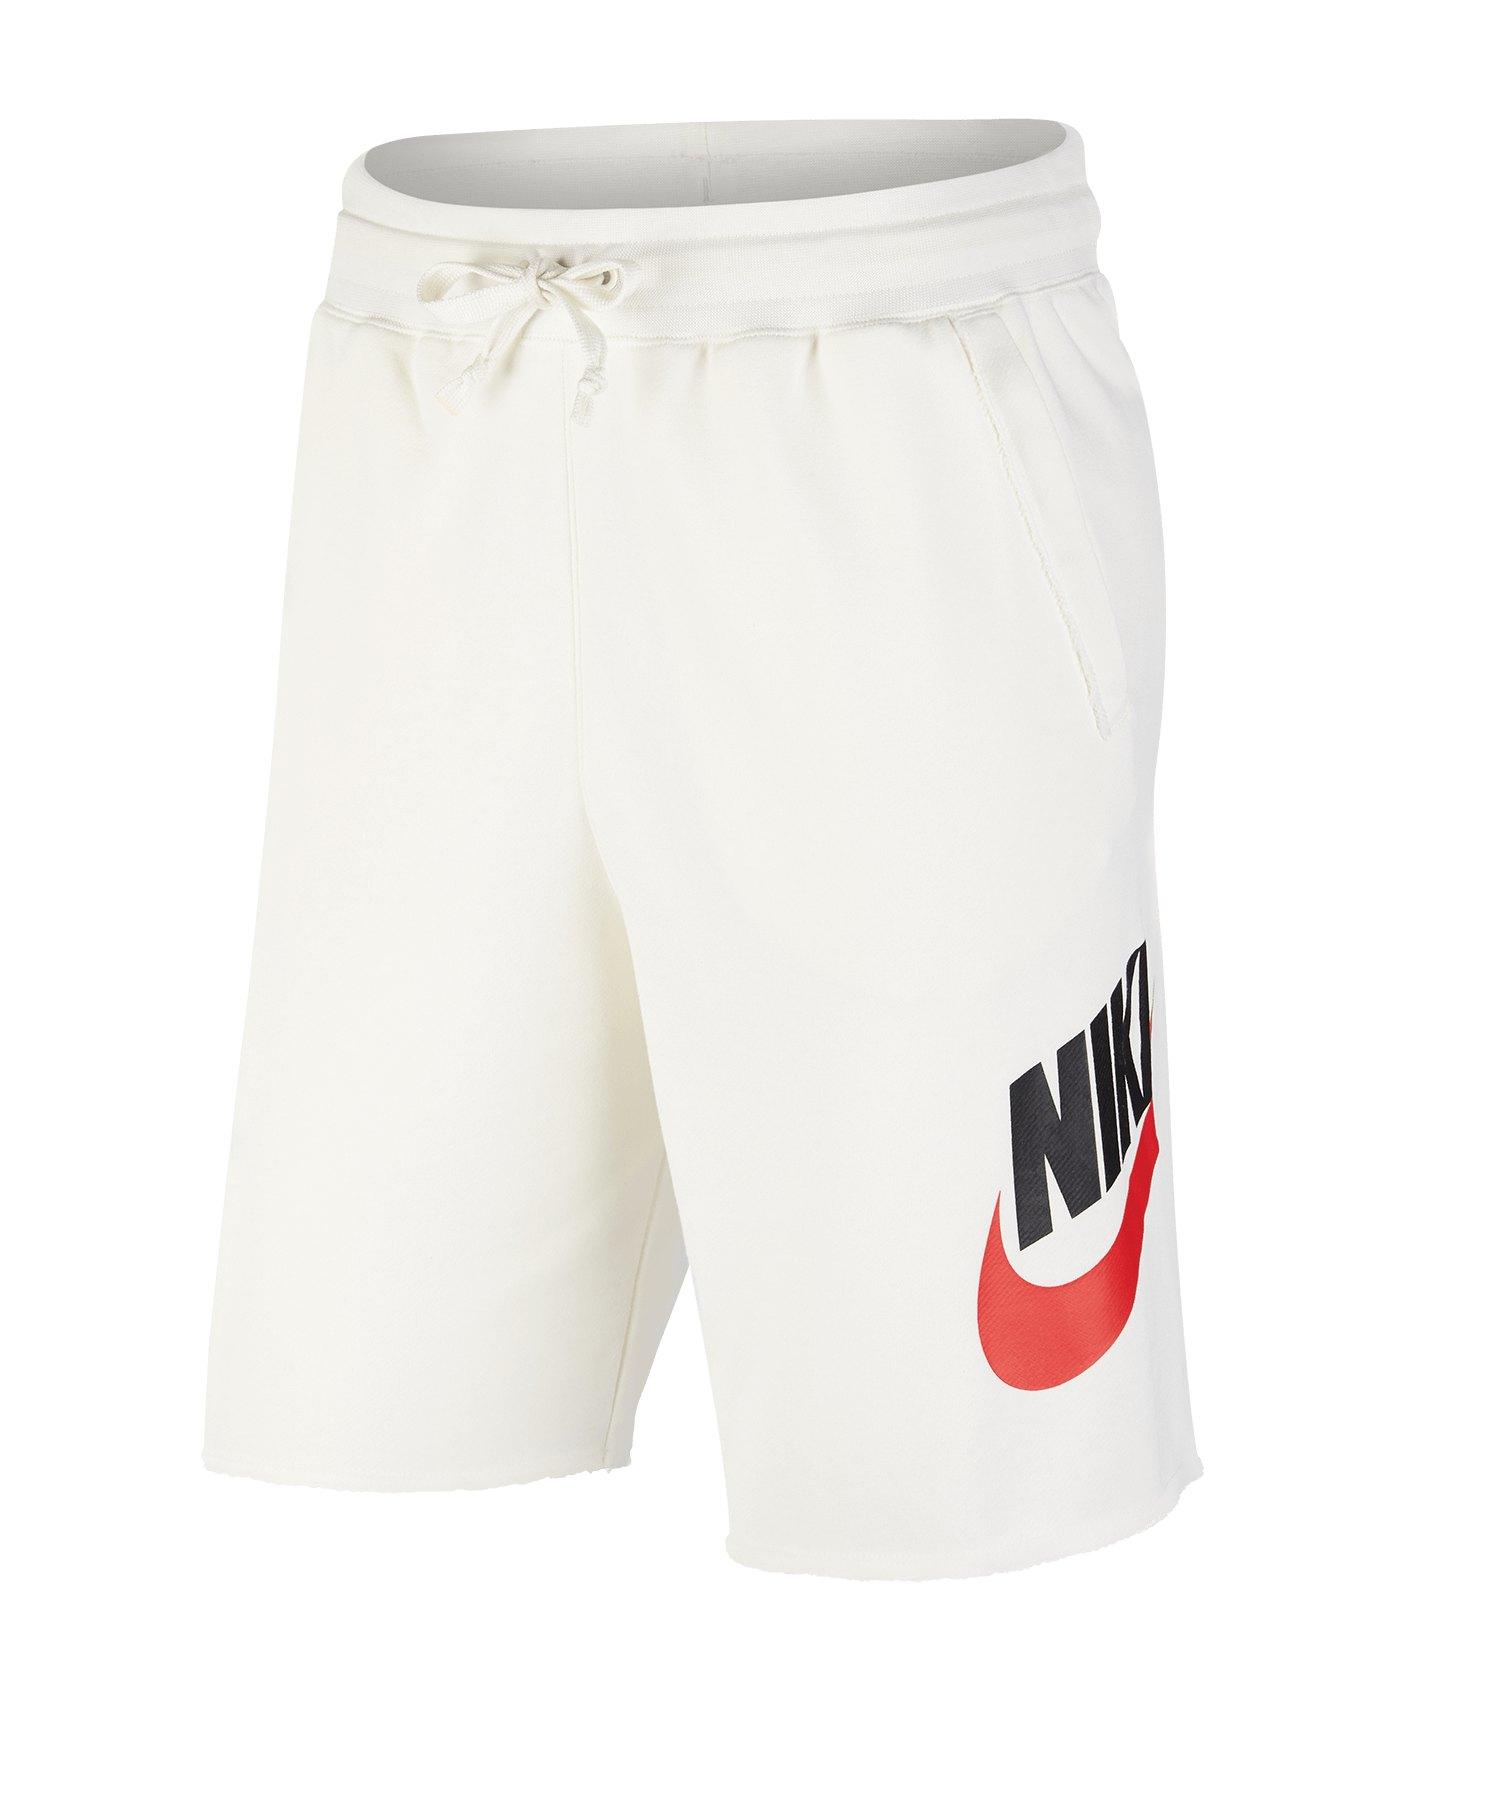 Nike Short Hose kurz Weiss F133 - weiss